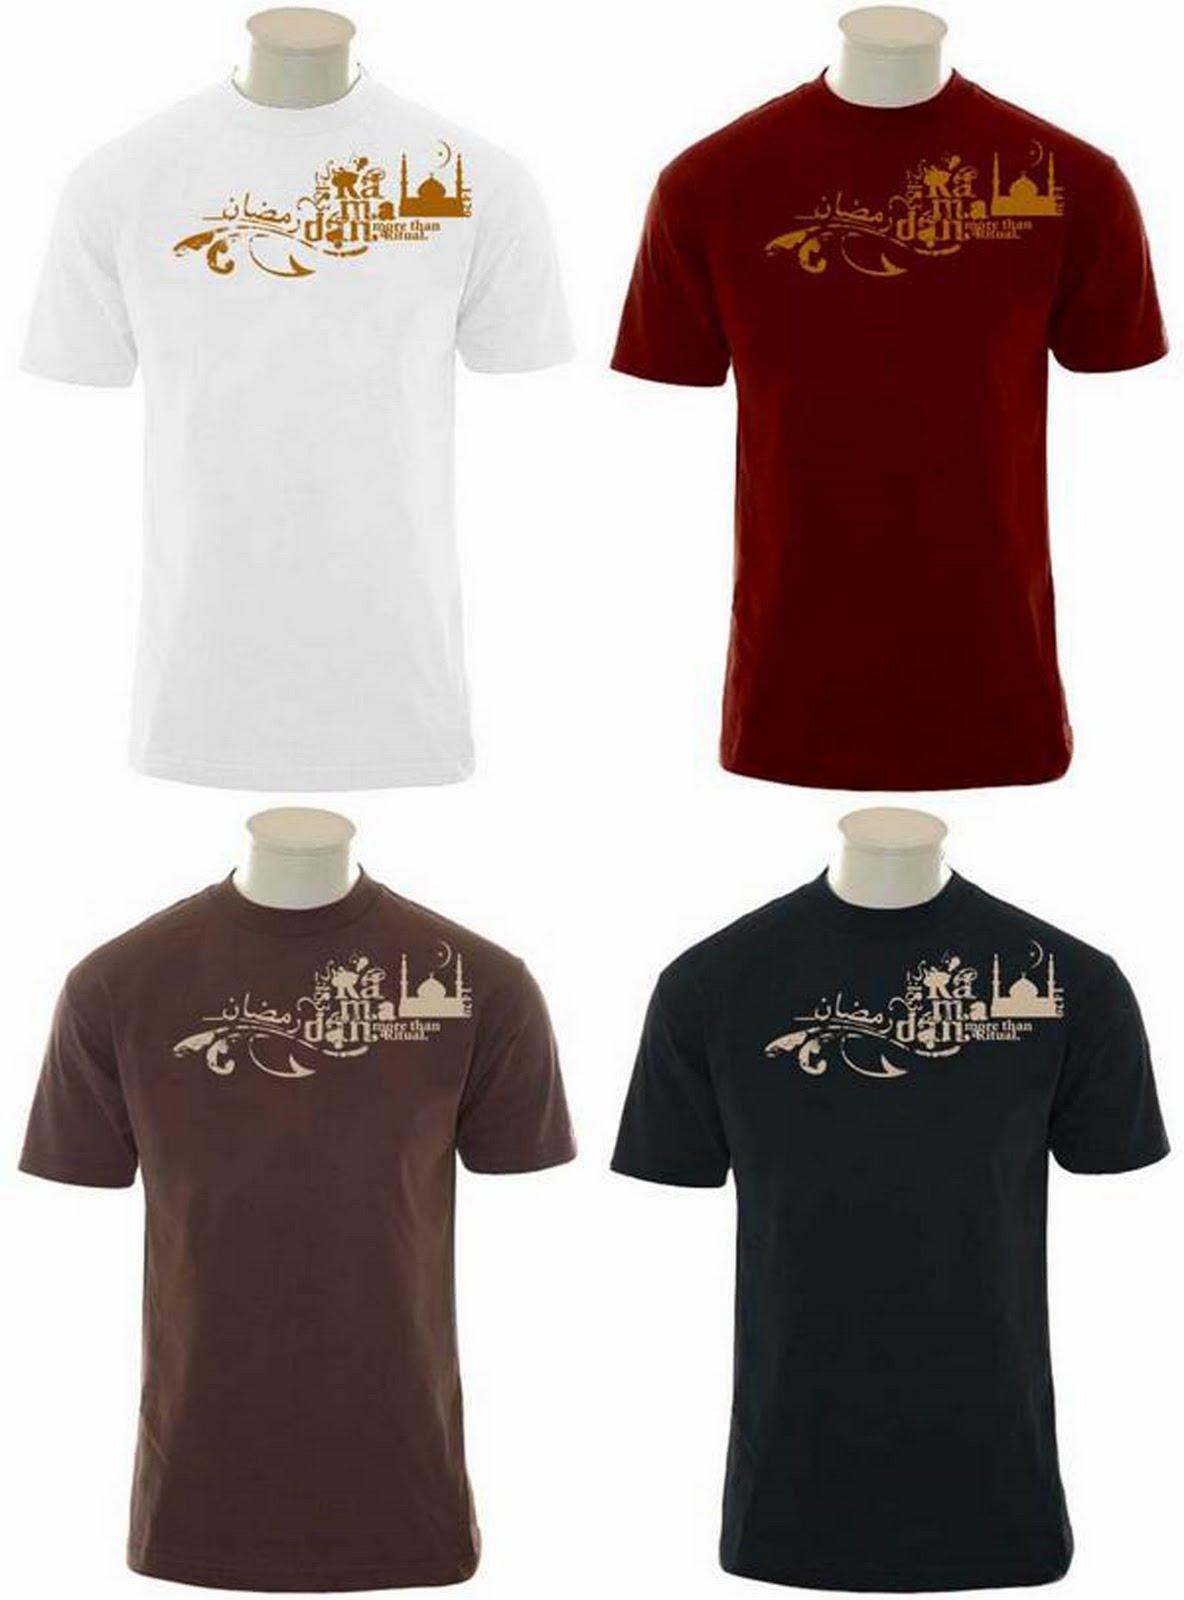 the original 19 t shirt designs